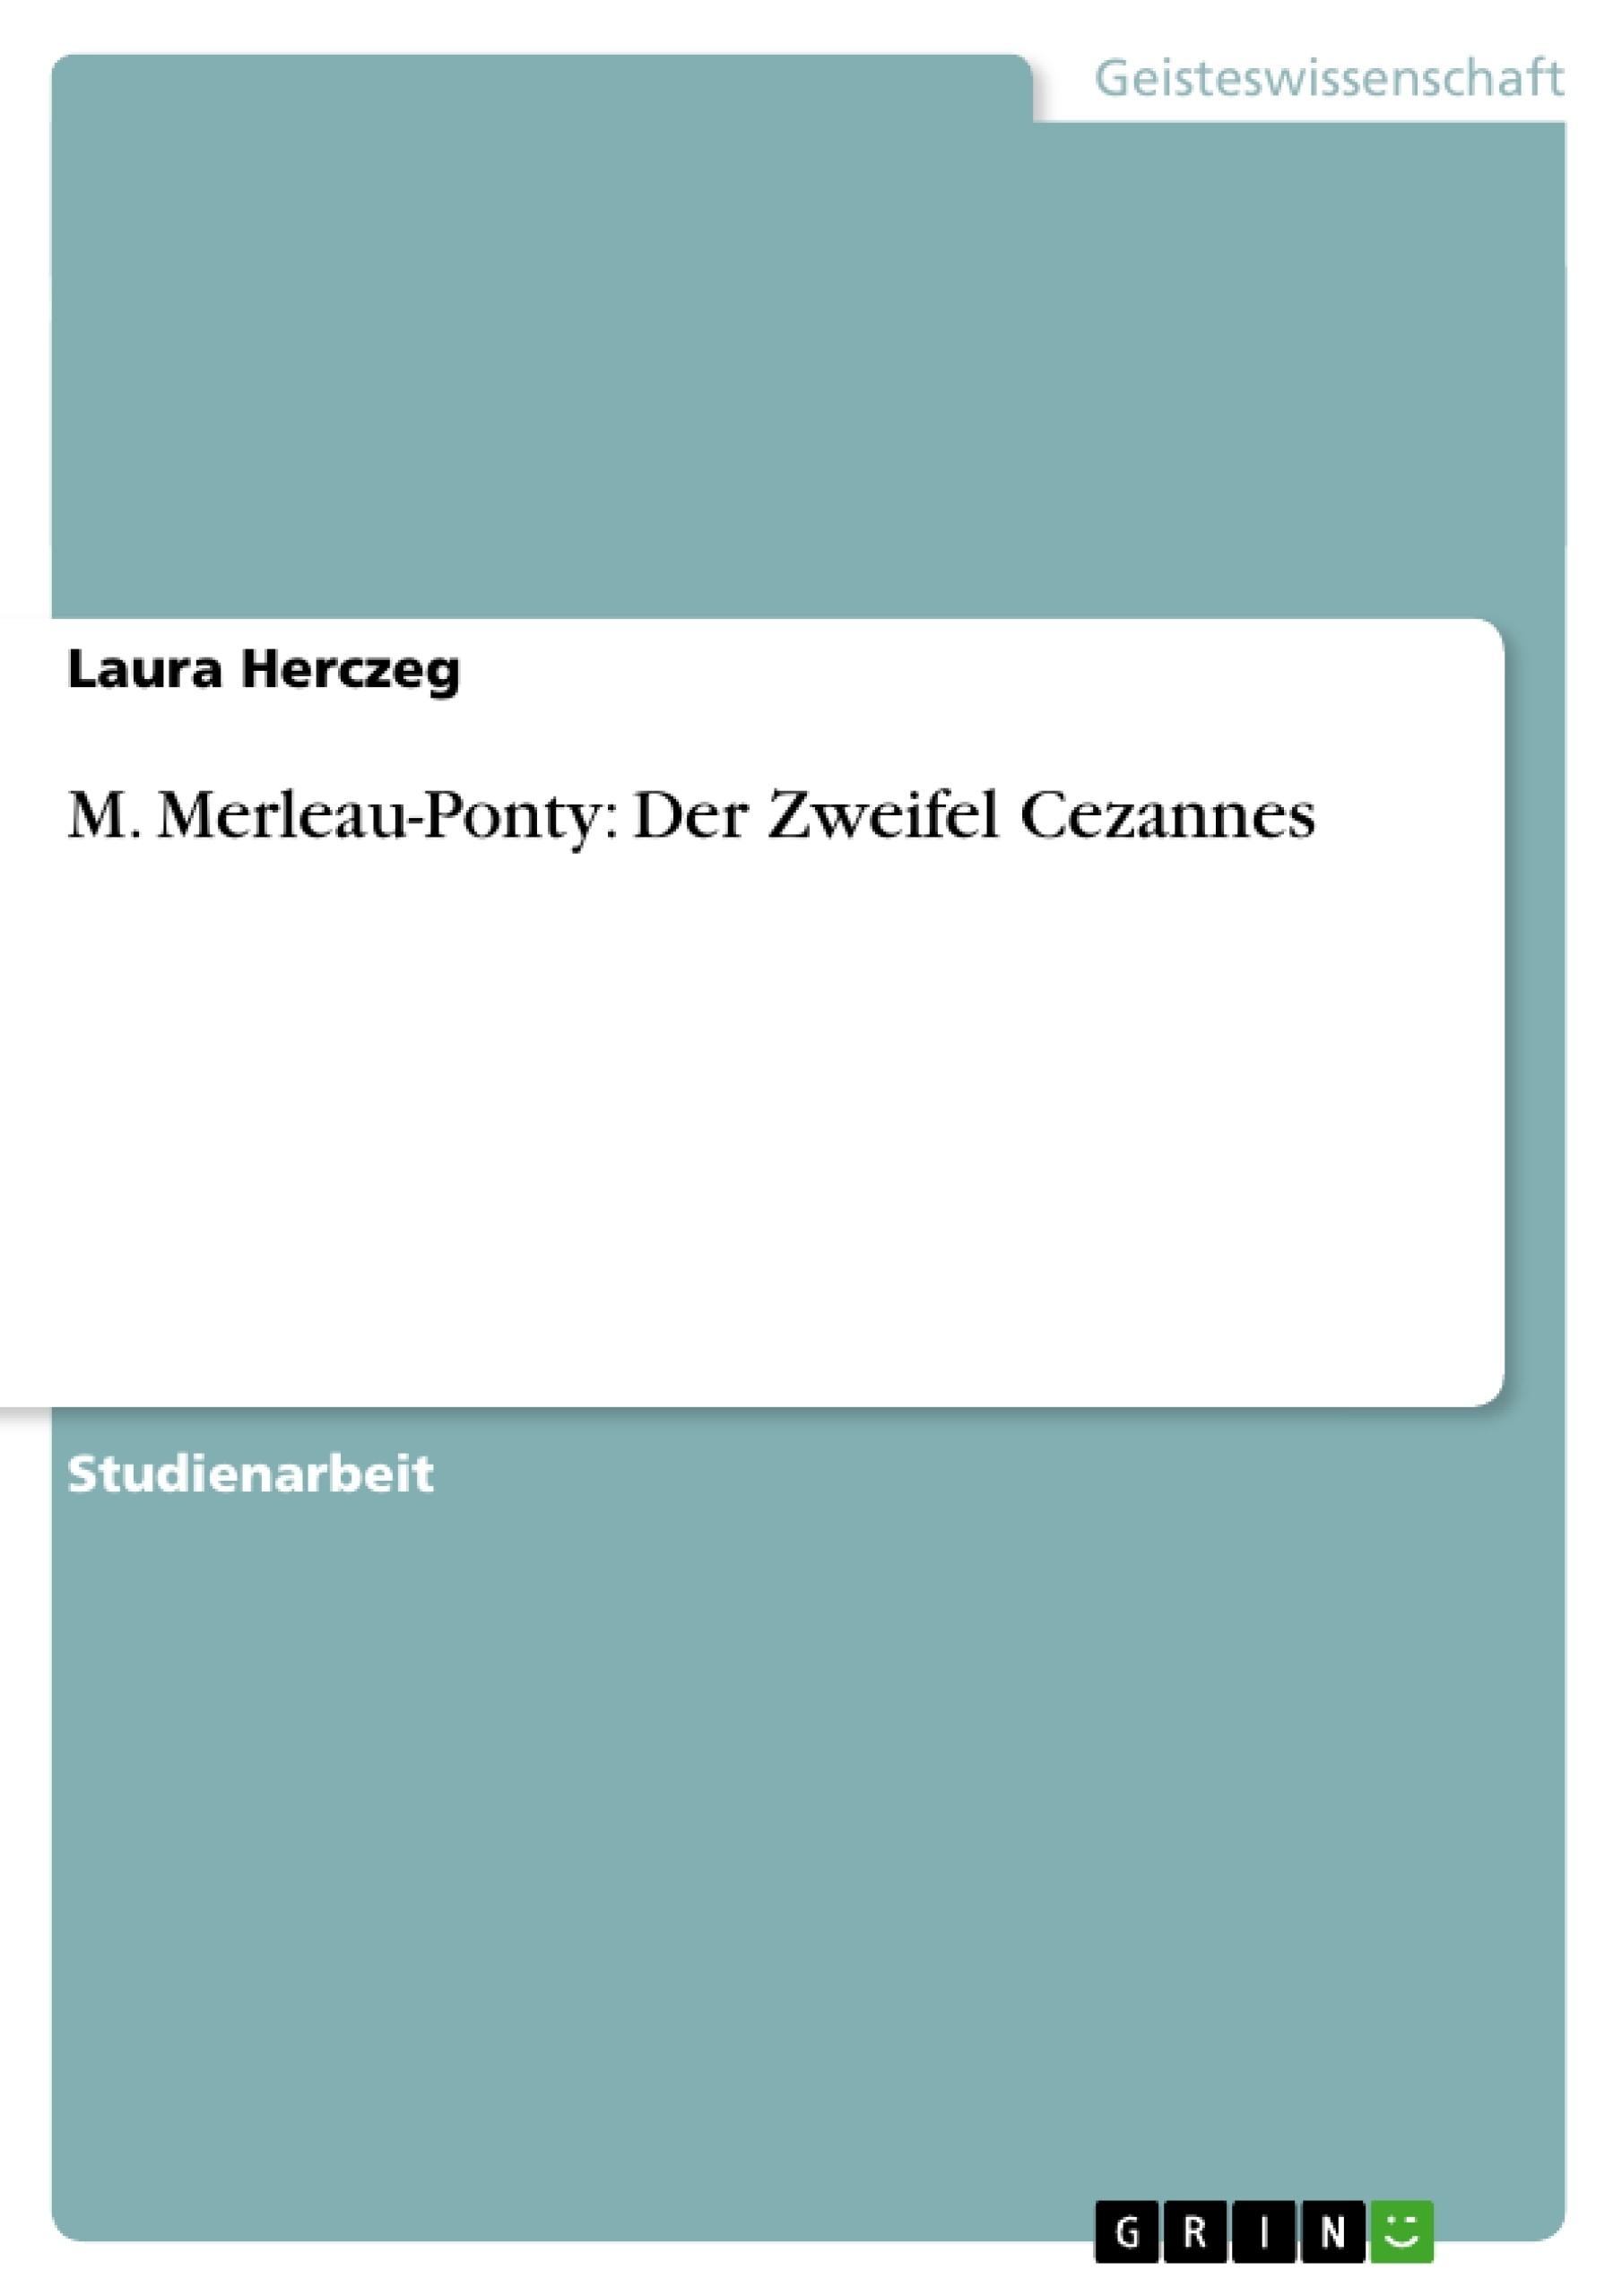 Titel: M. Merleau-Ponty: Der Zweifel Cezannes